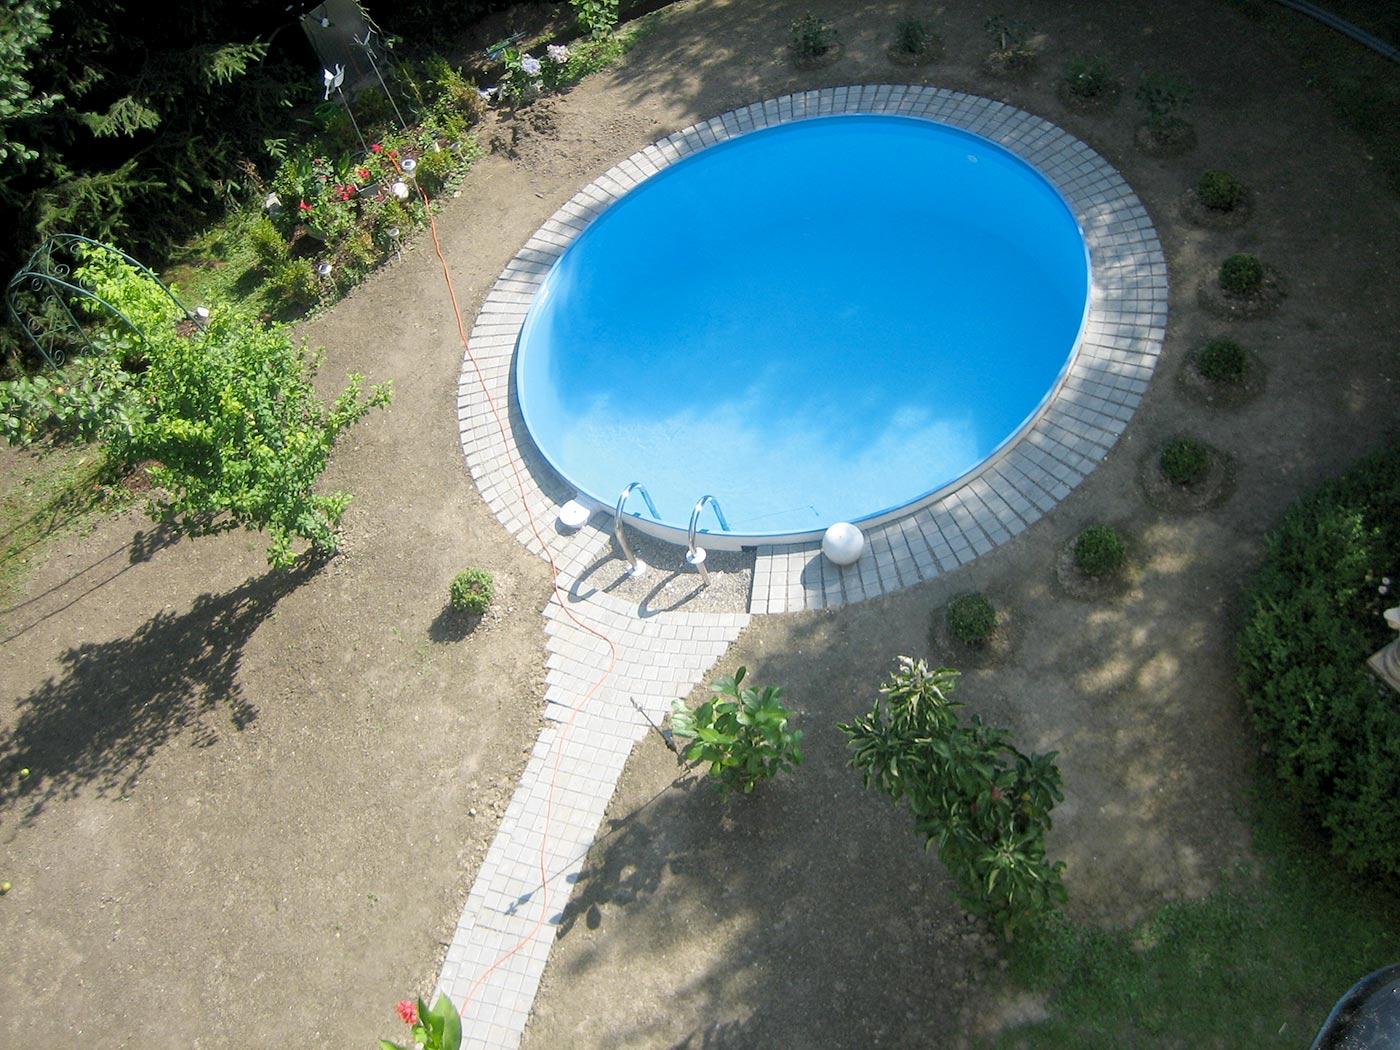 Pools stahlwandpools pool mit stahlwand for Pool rundbecken